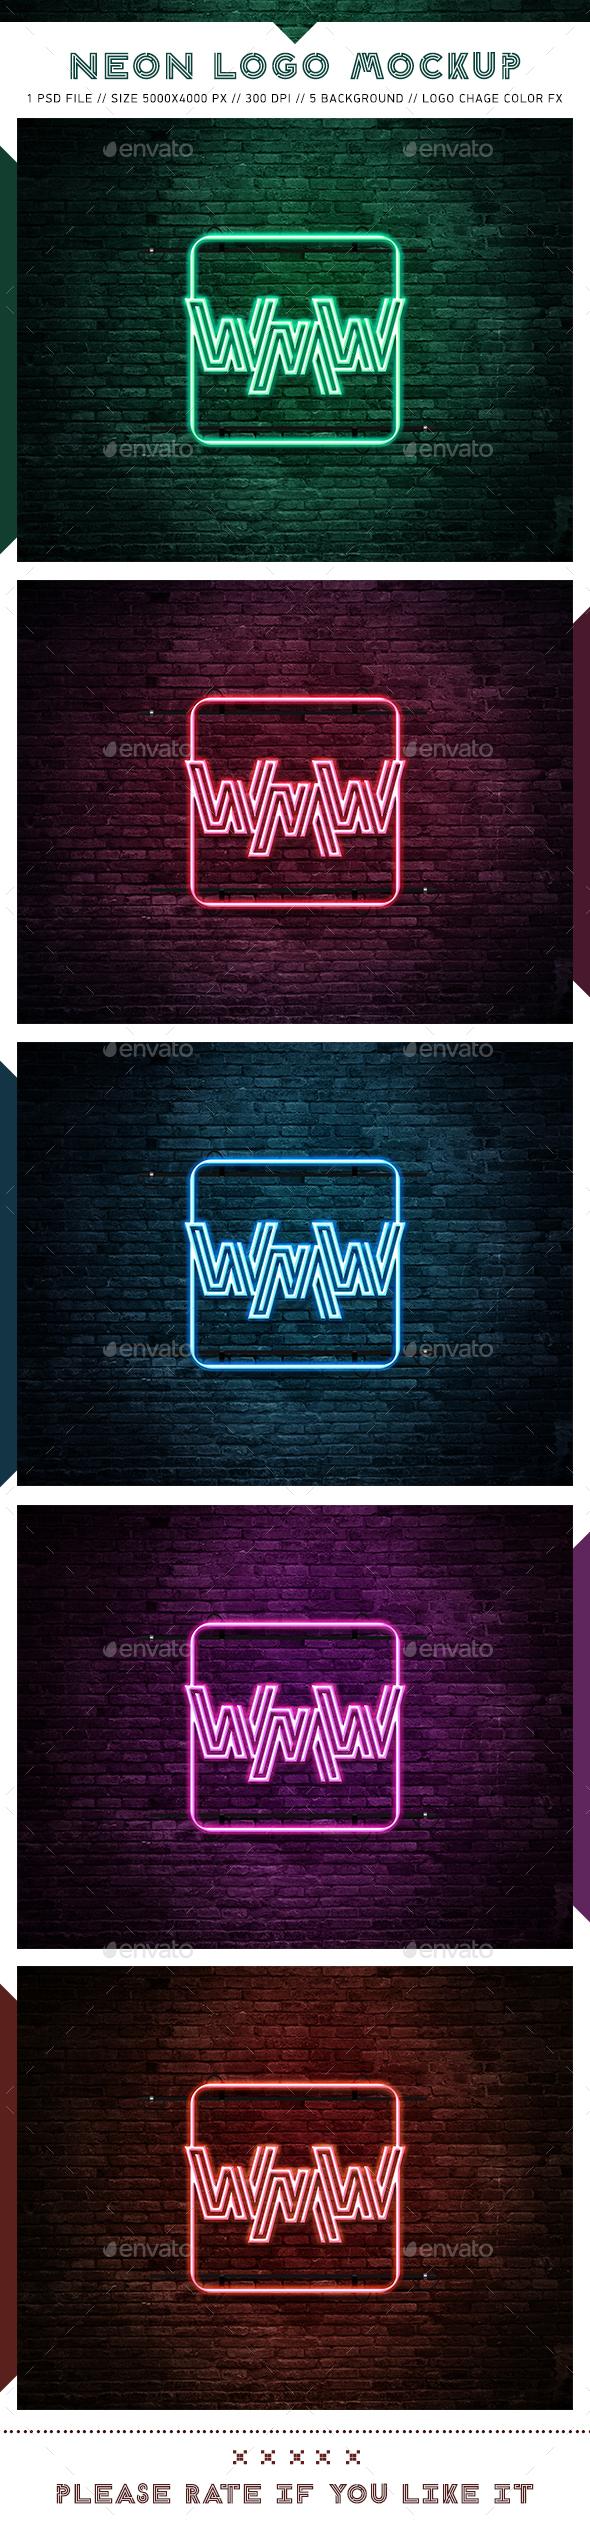 Neon Logo Mockups - Logo Product Mock-Ups